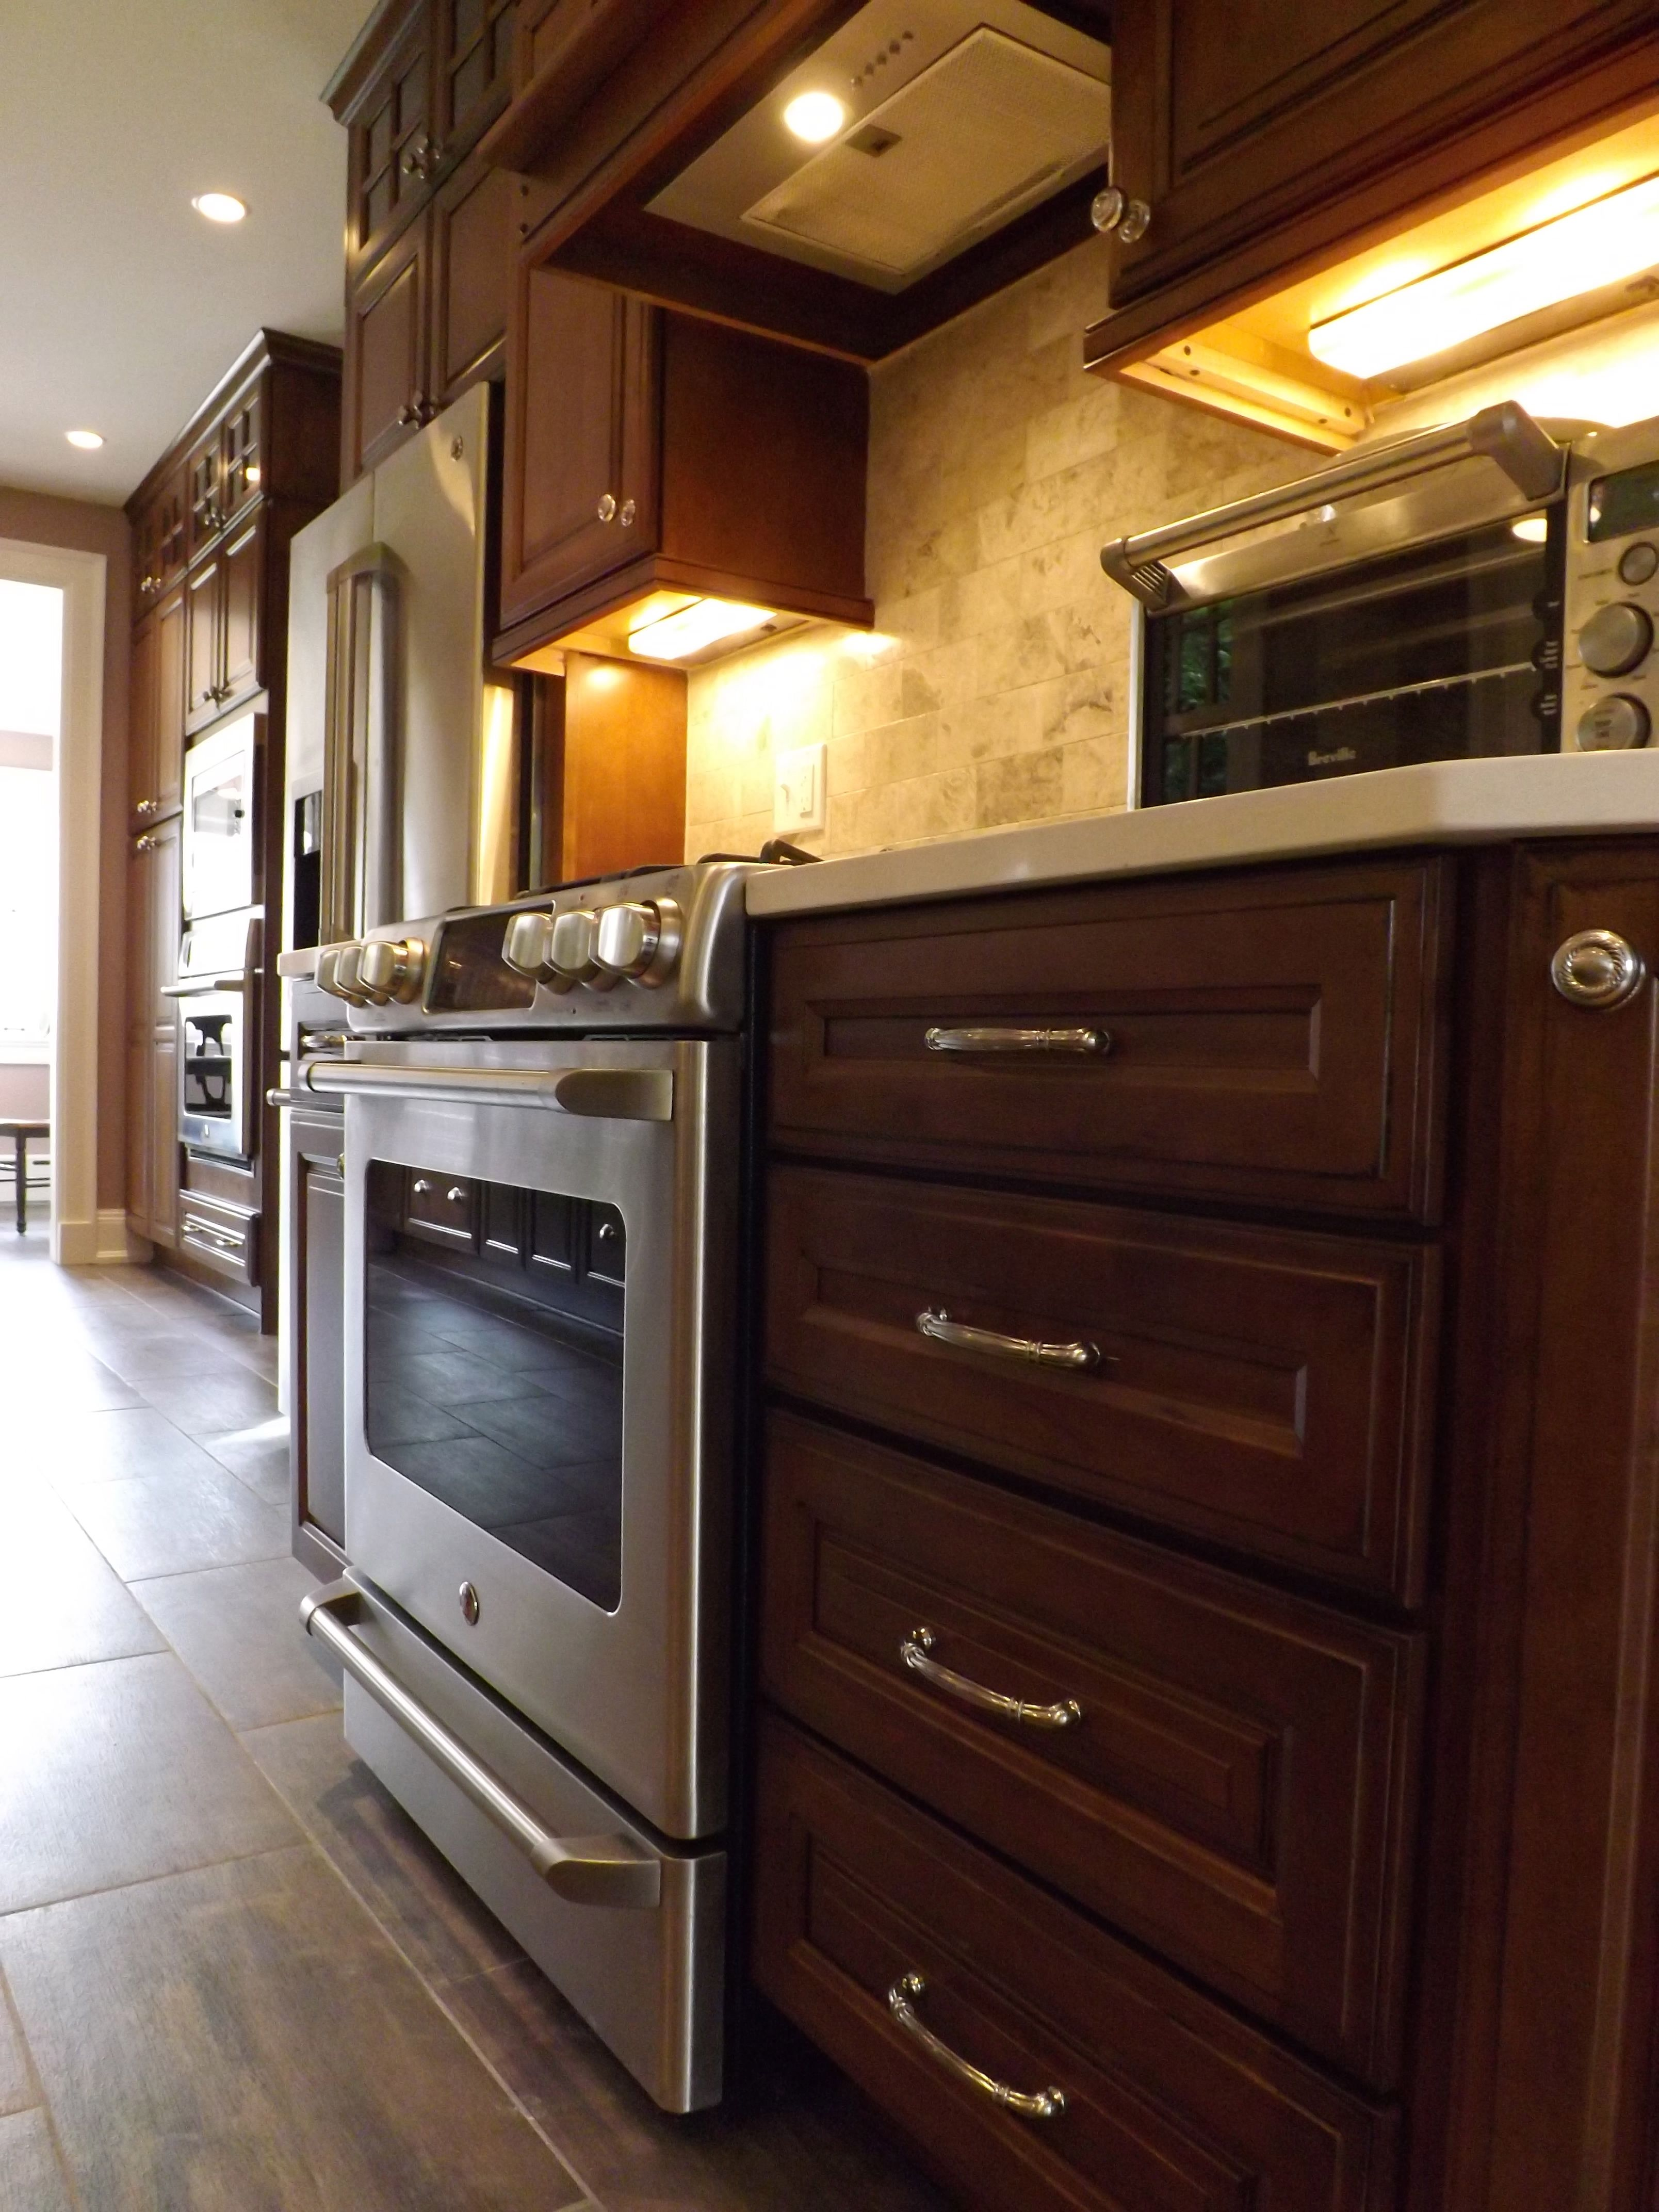 Asheville Kitchen Cabinets Kitchen Design The Homesource Design Center Kitchen Cabinets Wellborn Www The Homesource Com For The Kitchen